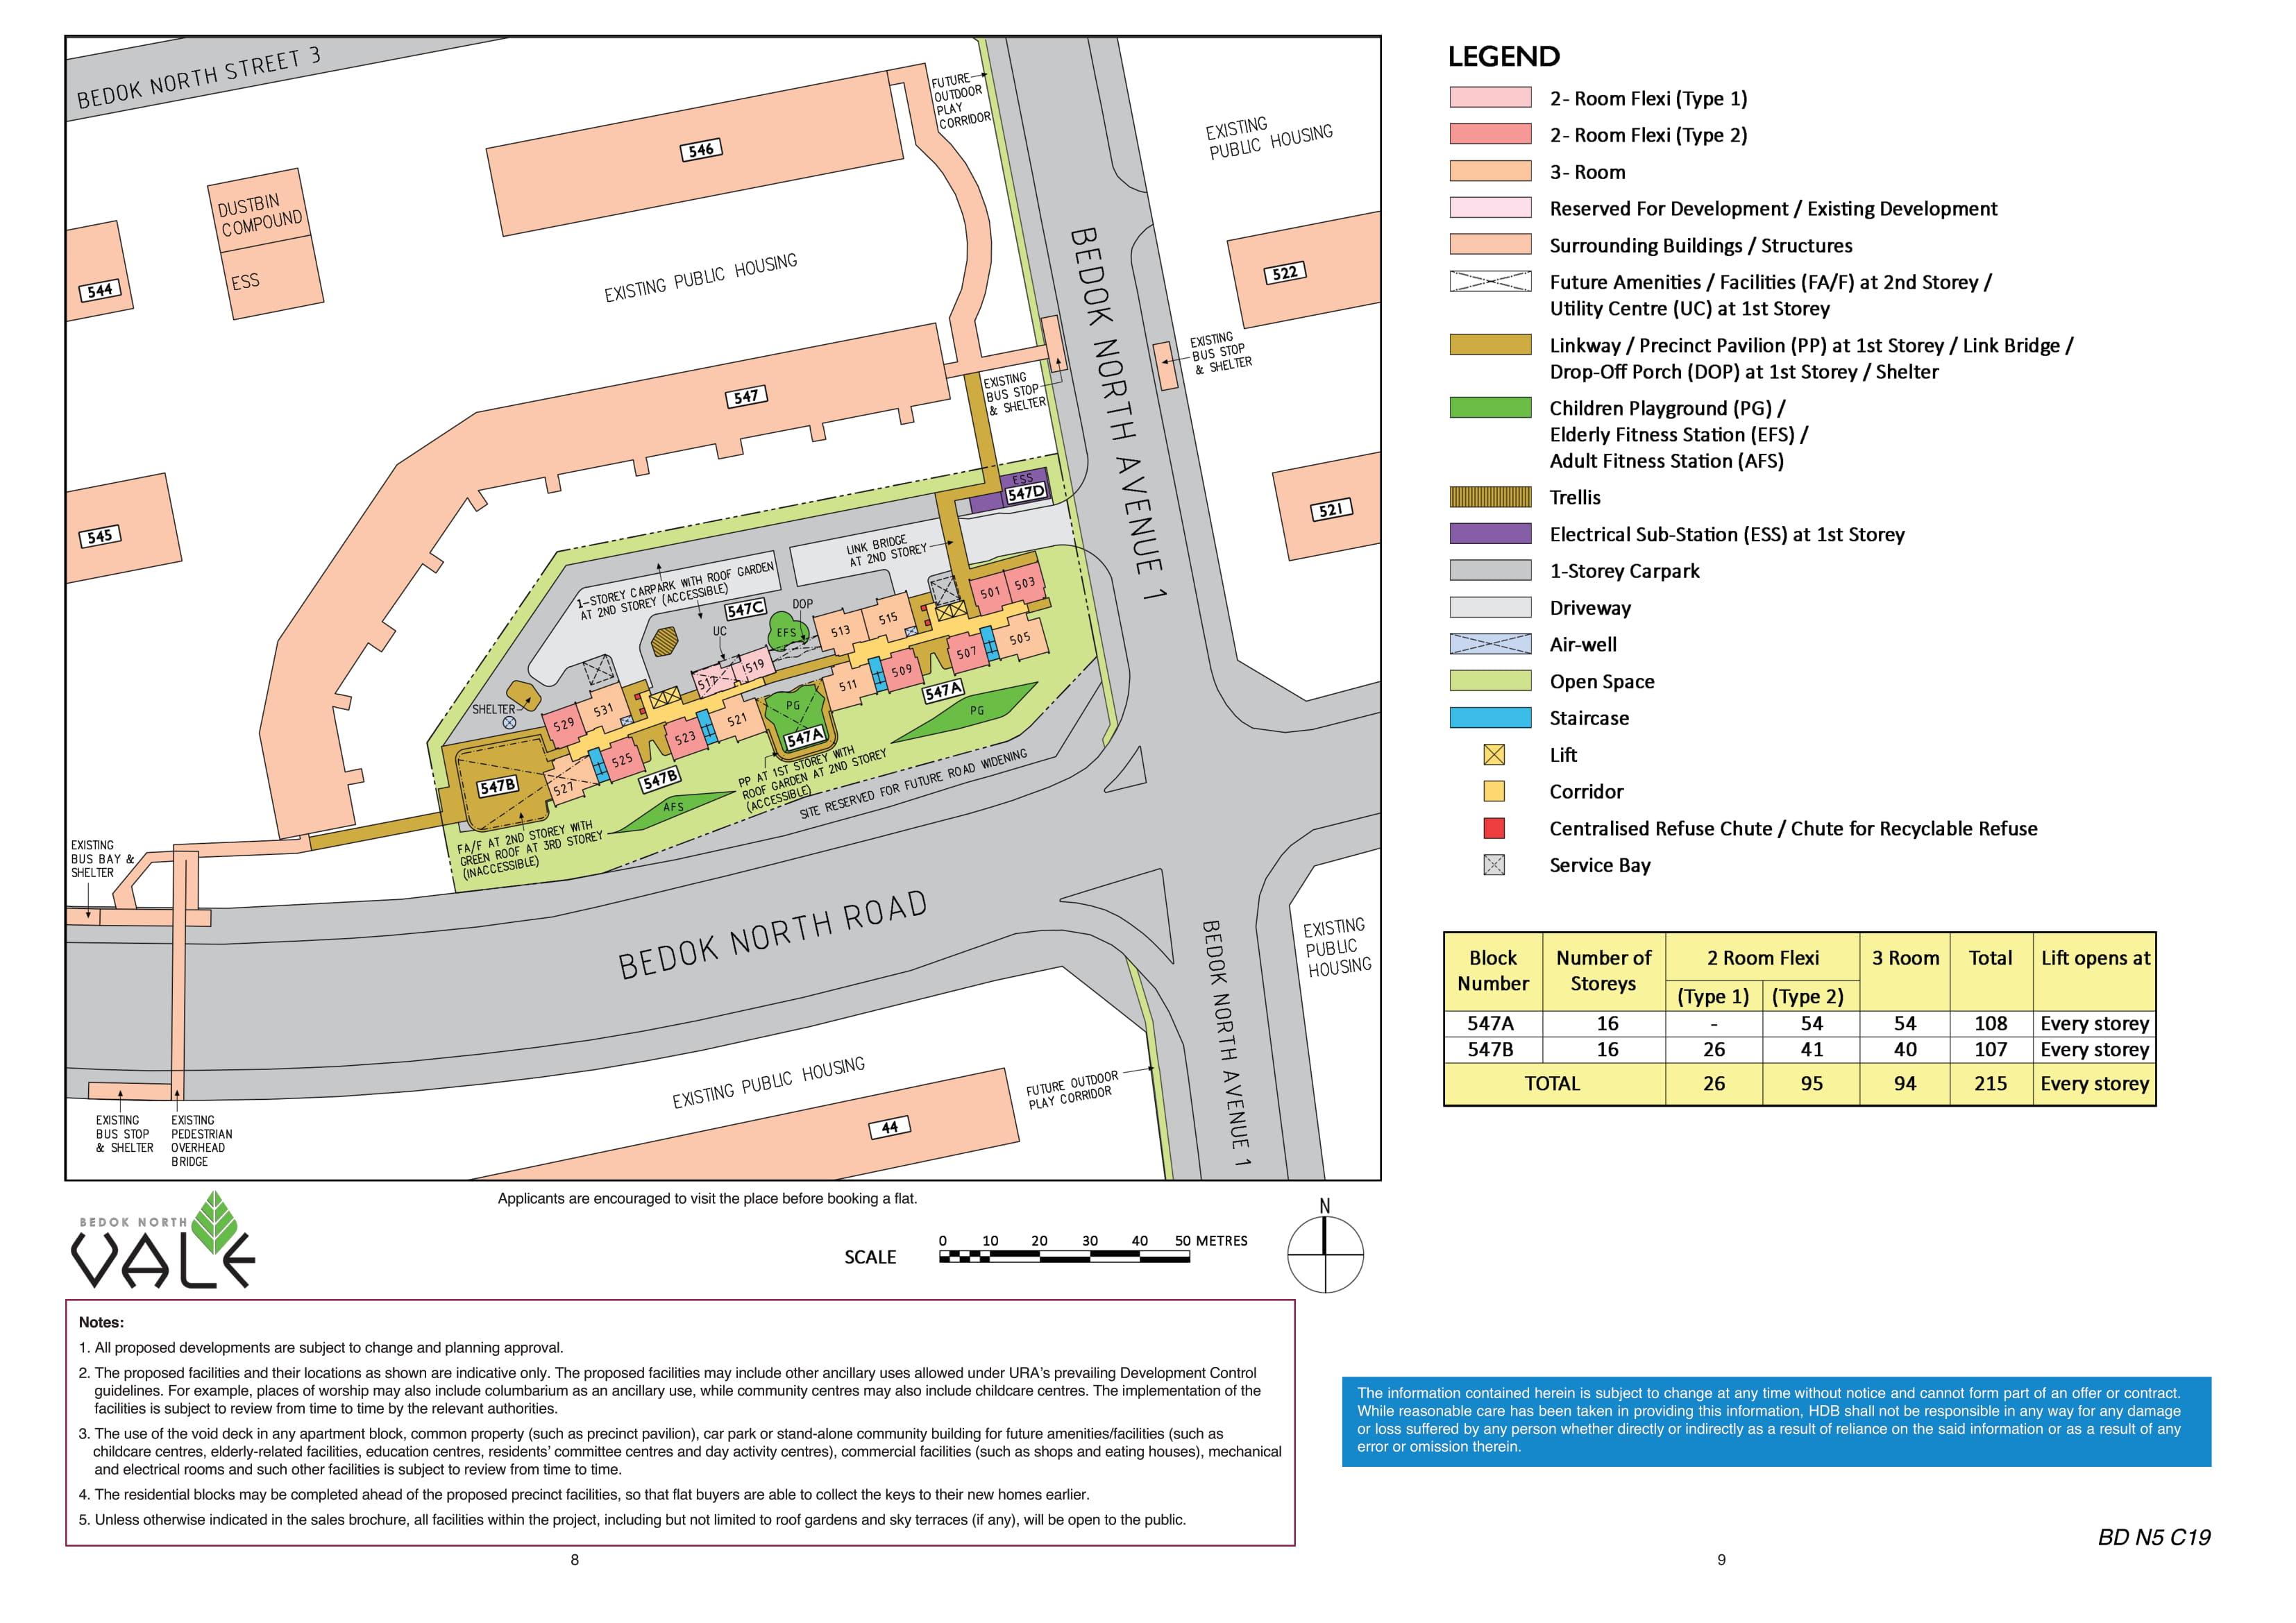 Bedok North Vale Site Plan